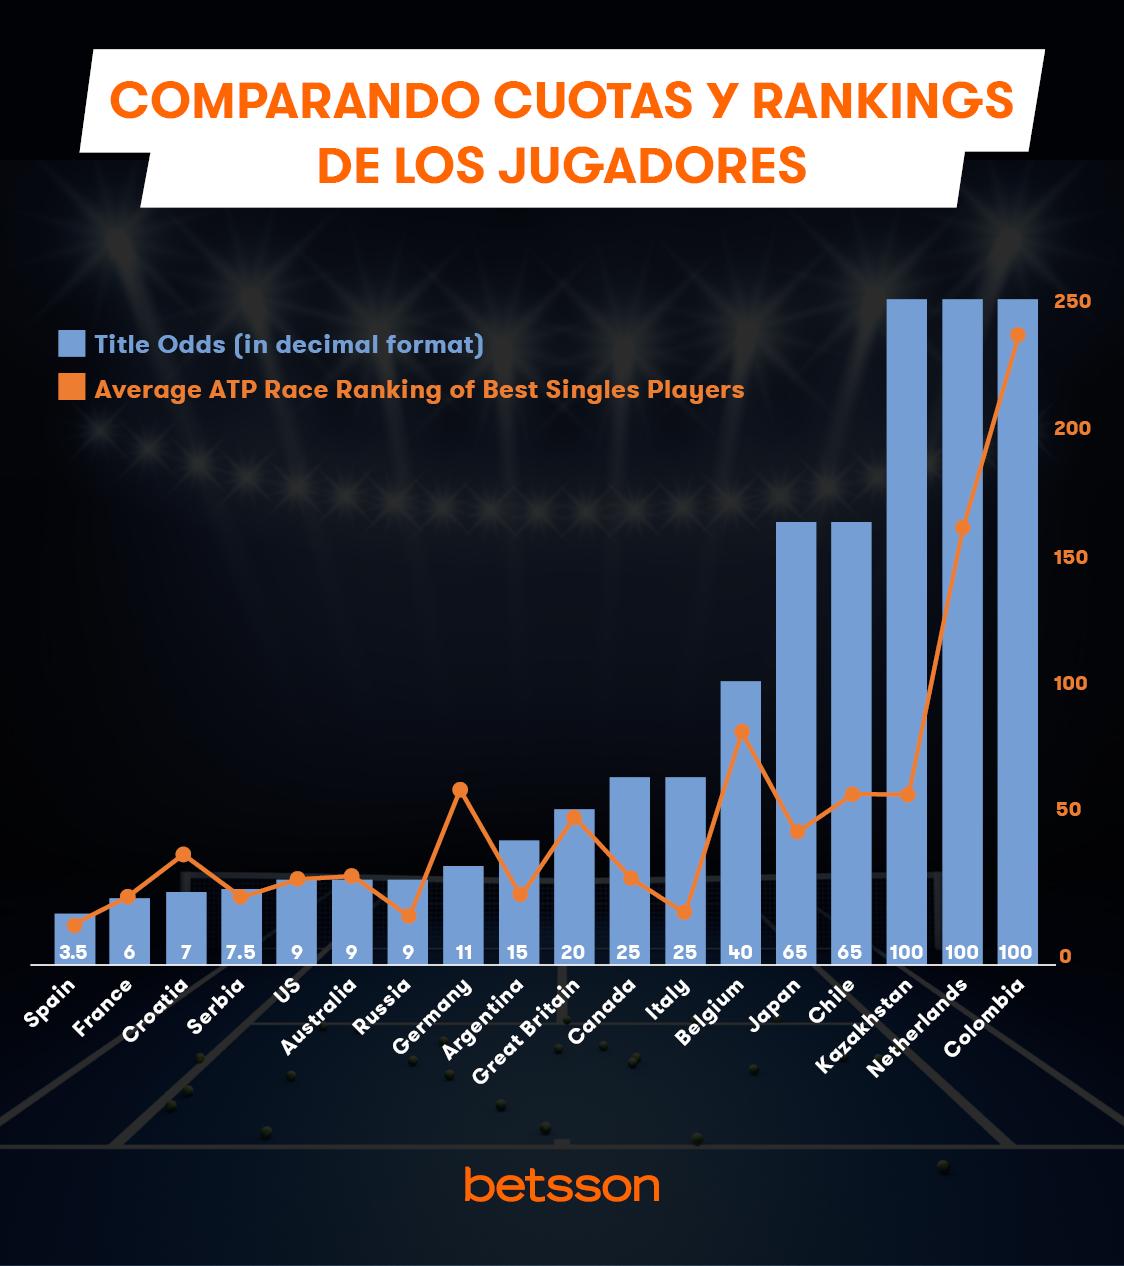 Compando Cuotas y Ranking Paises Copa Davis